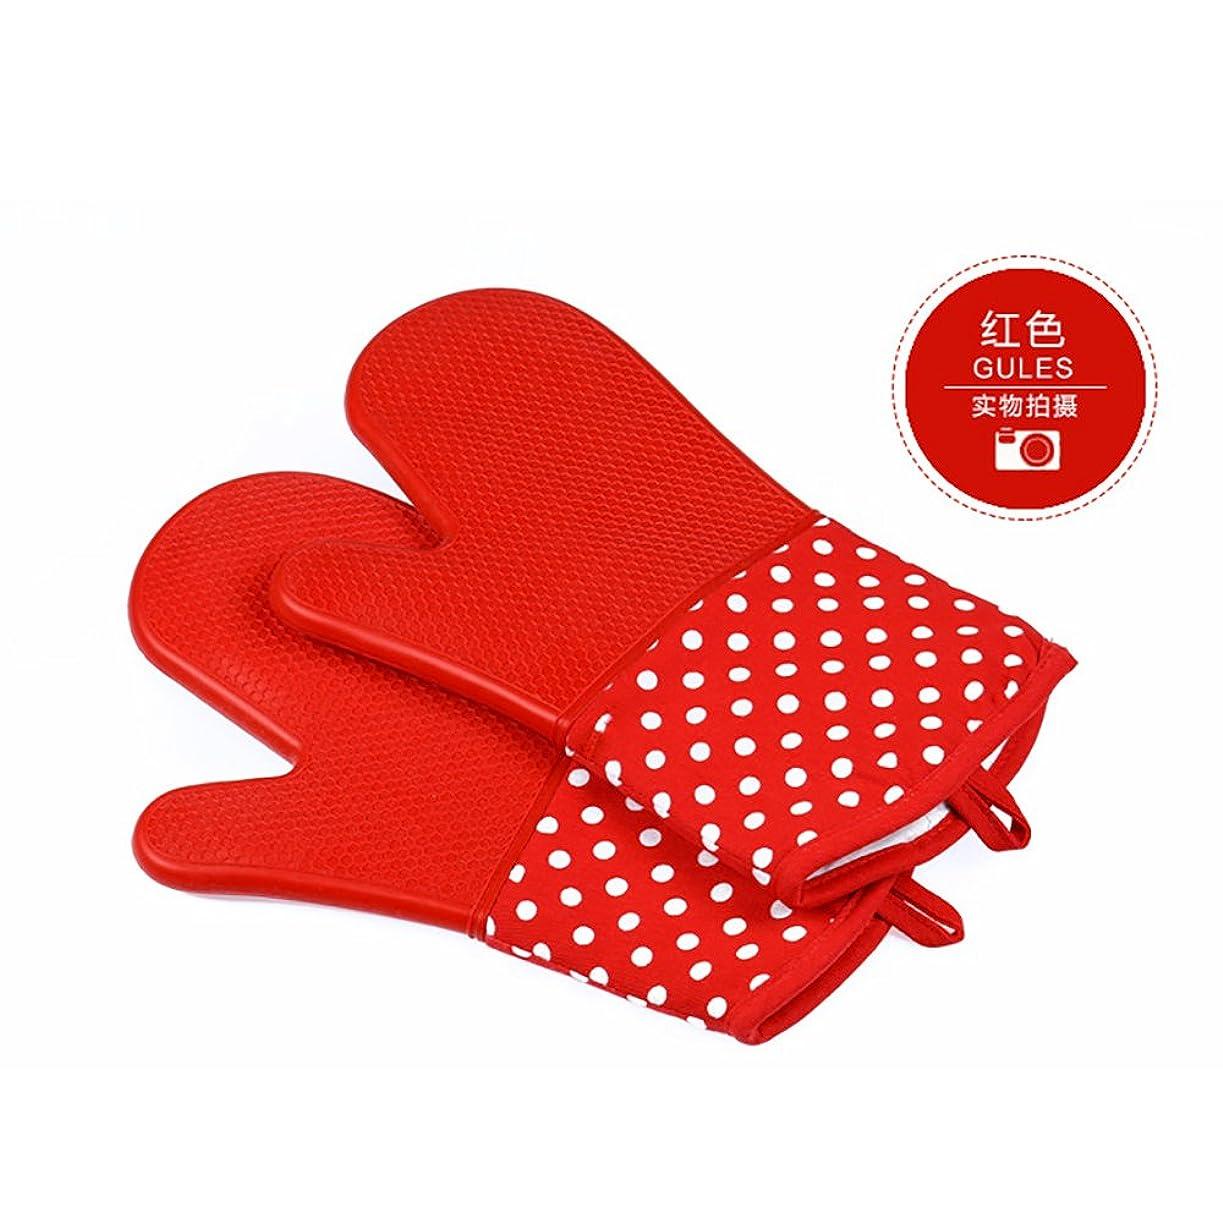 フィット露回転JOOP【2個セット】【シリコンベーキング手袋】【バーベキュー手袋】【キッチン電子レンジの手袋】【オーブン断熱手袋】【300の加熱温度極値】【7色】 (レッド)